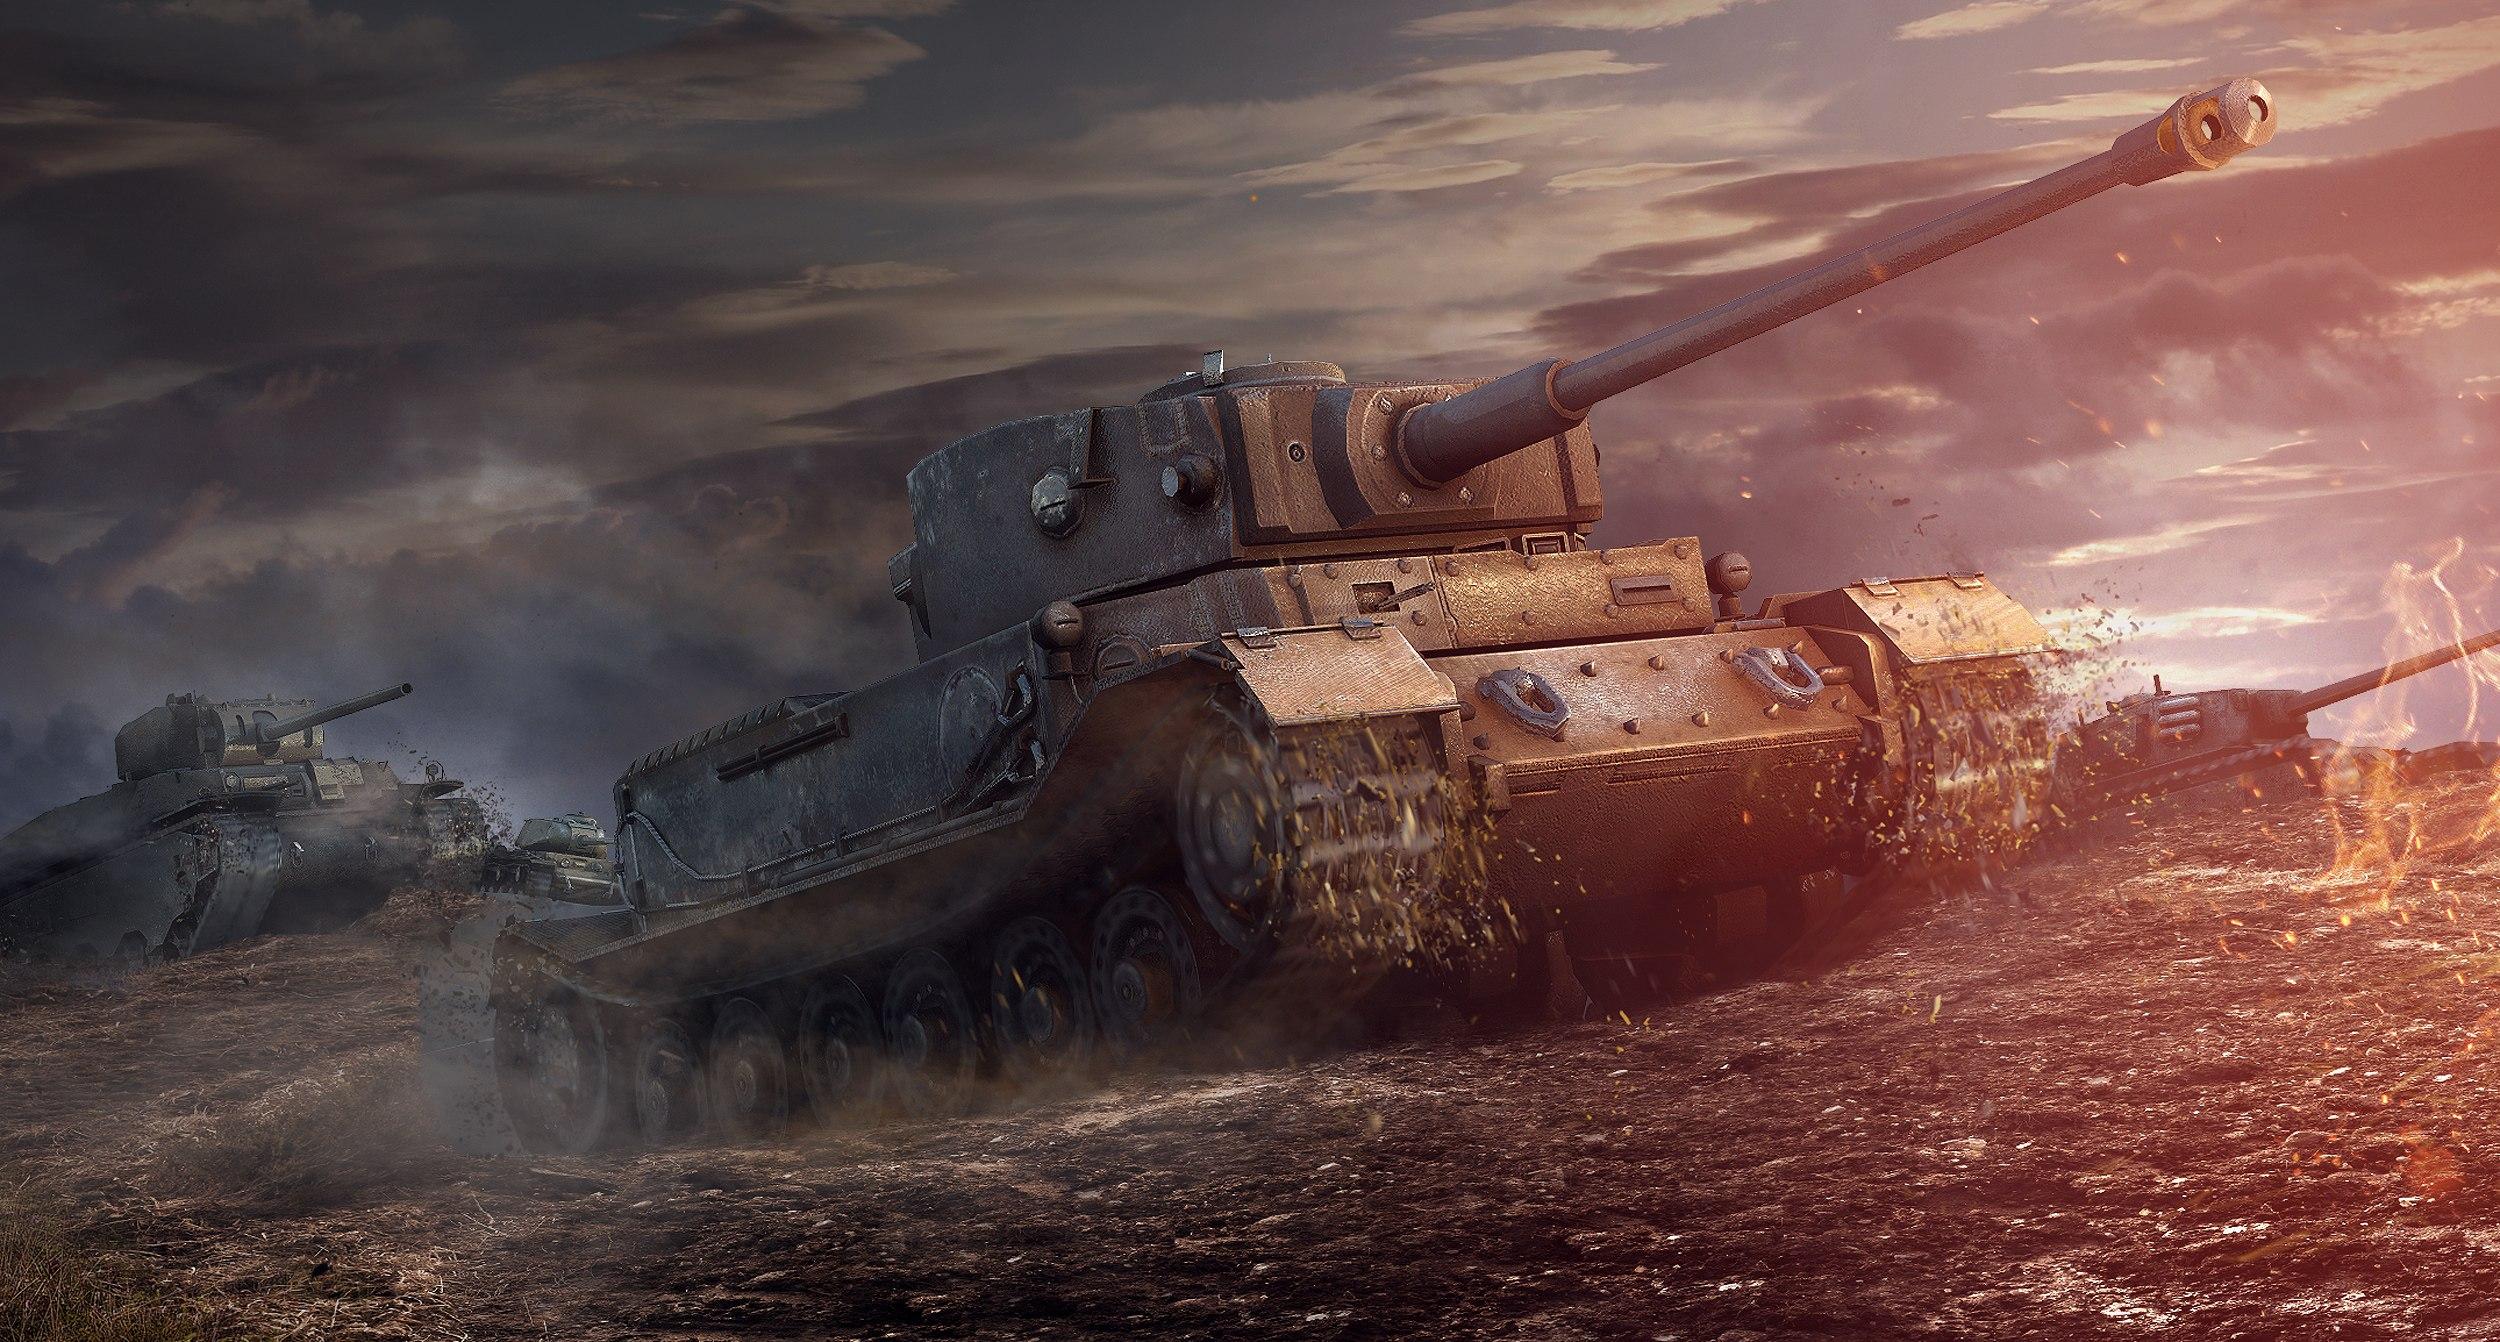 скачать обои из world of tanks на рабочий стол 1280х1024